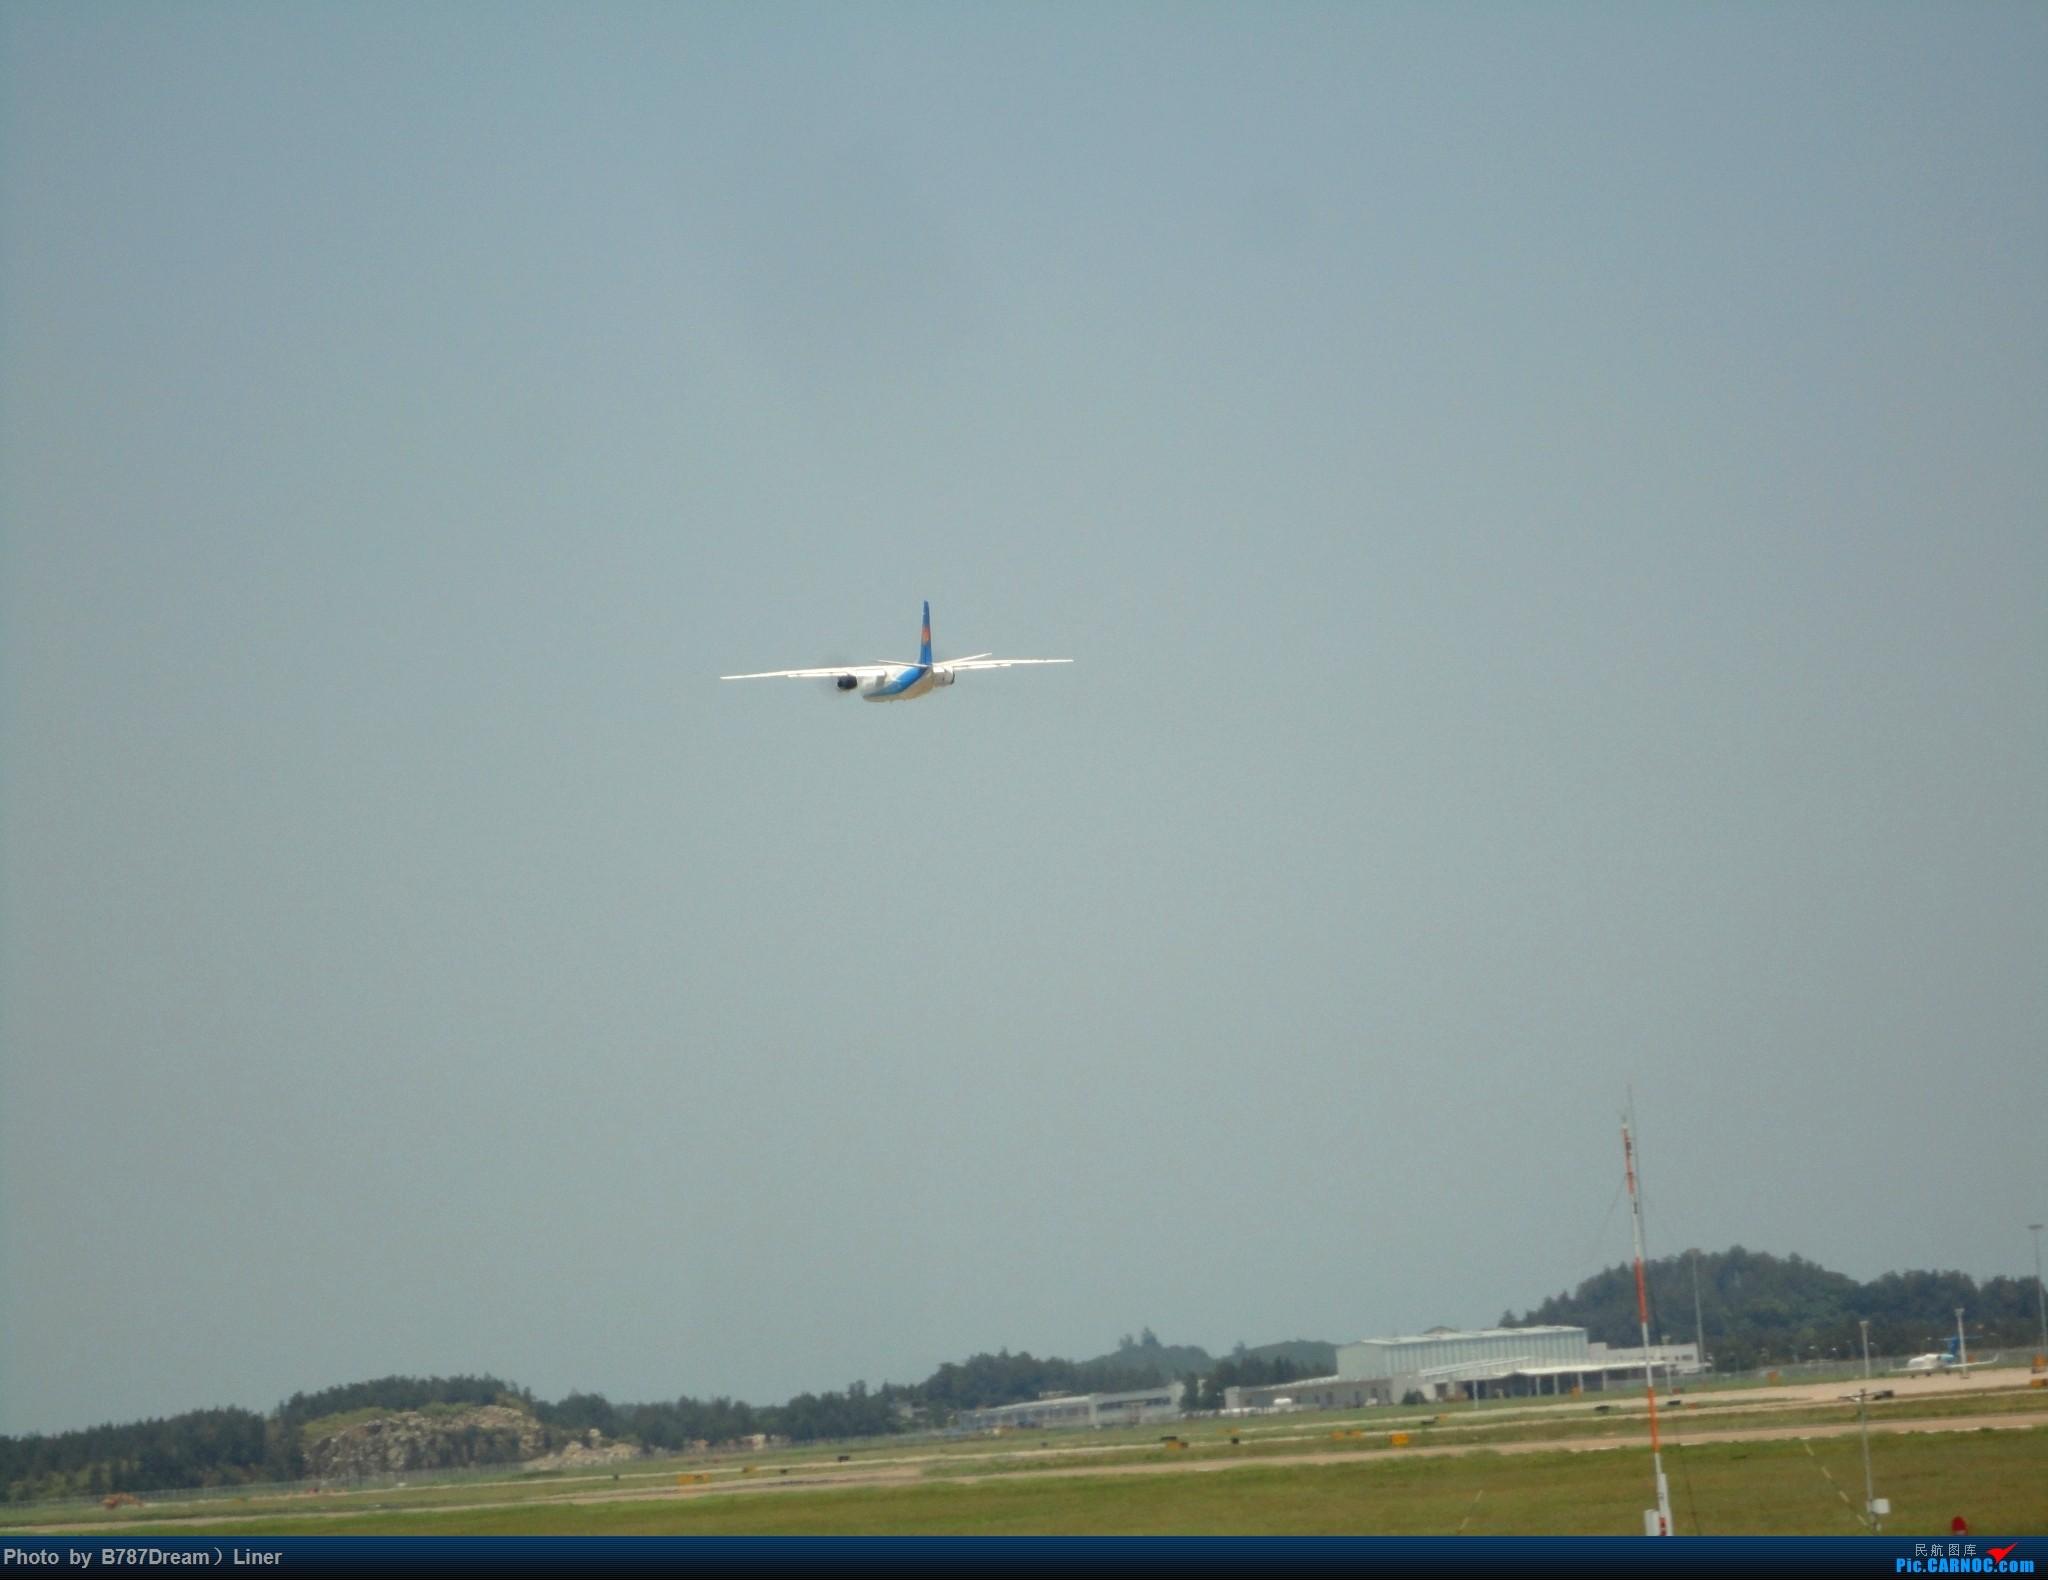 Re:[原创]【福州飞友会】2015.8.2打机 XIAN AIRCRAFT MA 60 B-3717 中国福州长乐国际机场